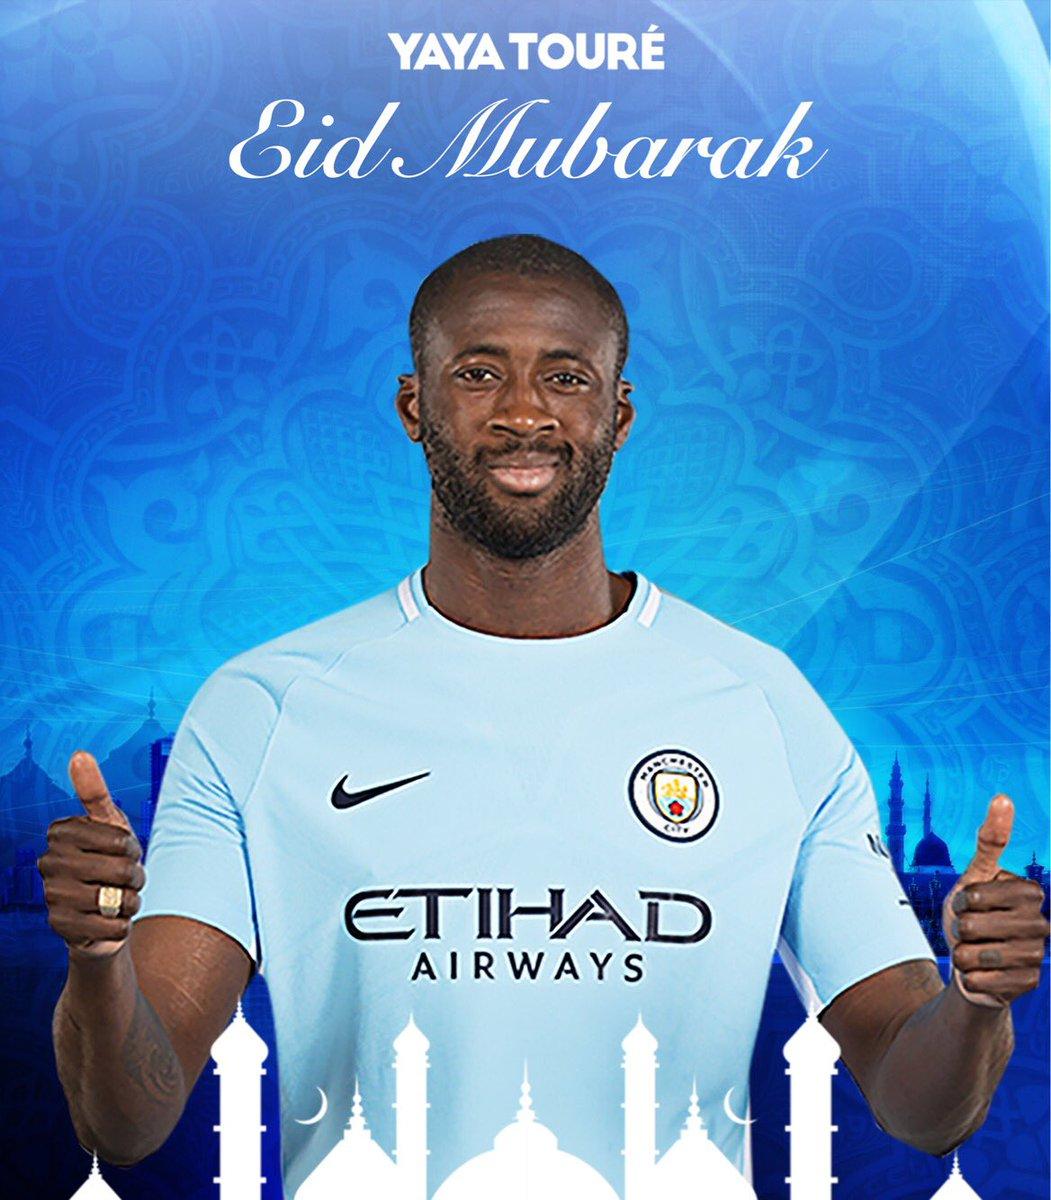 """Yaya Touré on Twitter """"Eid Mubarak everyone EidMubarak s"""